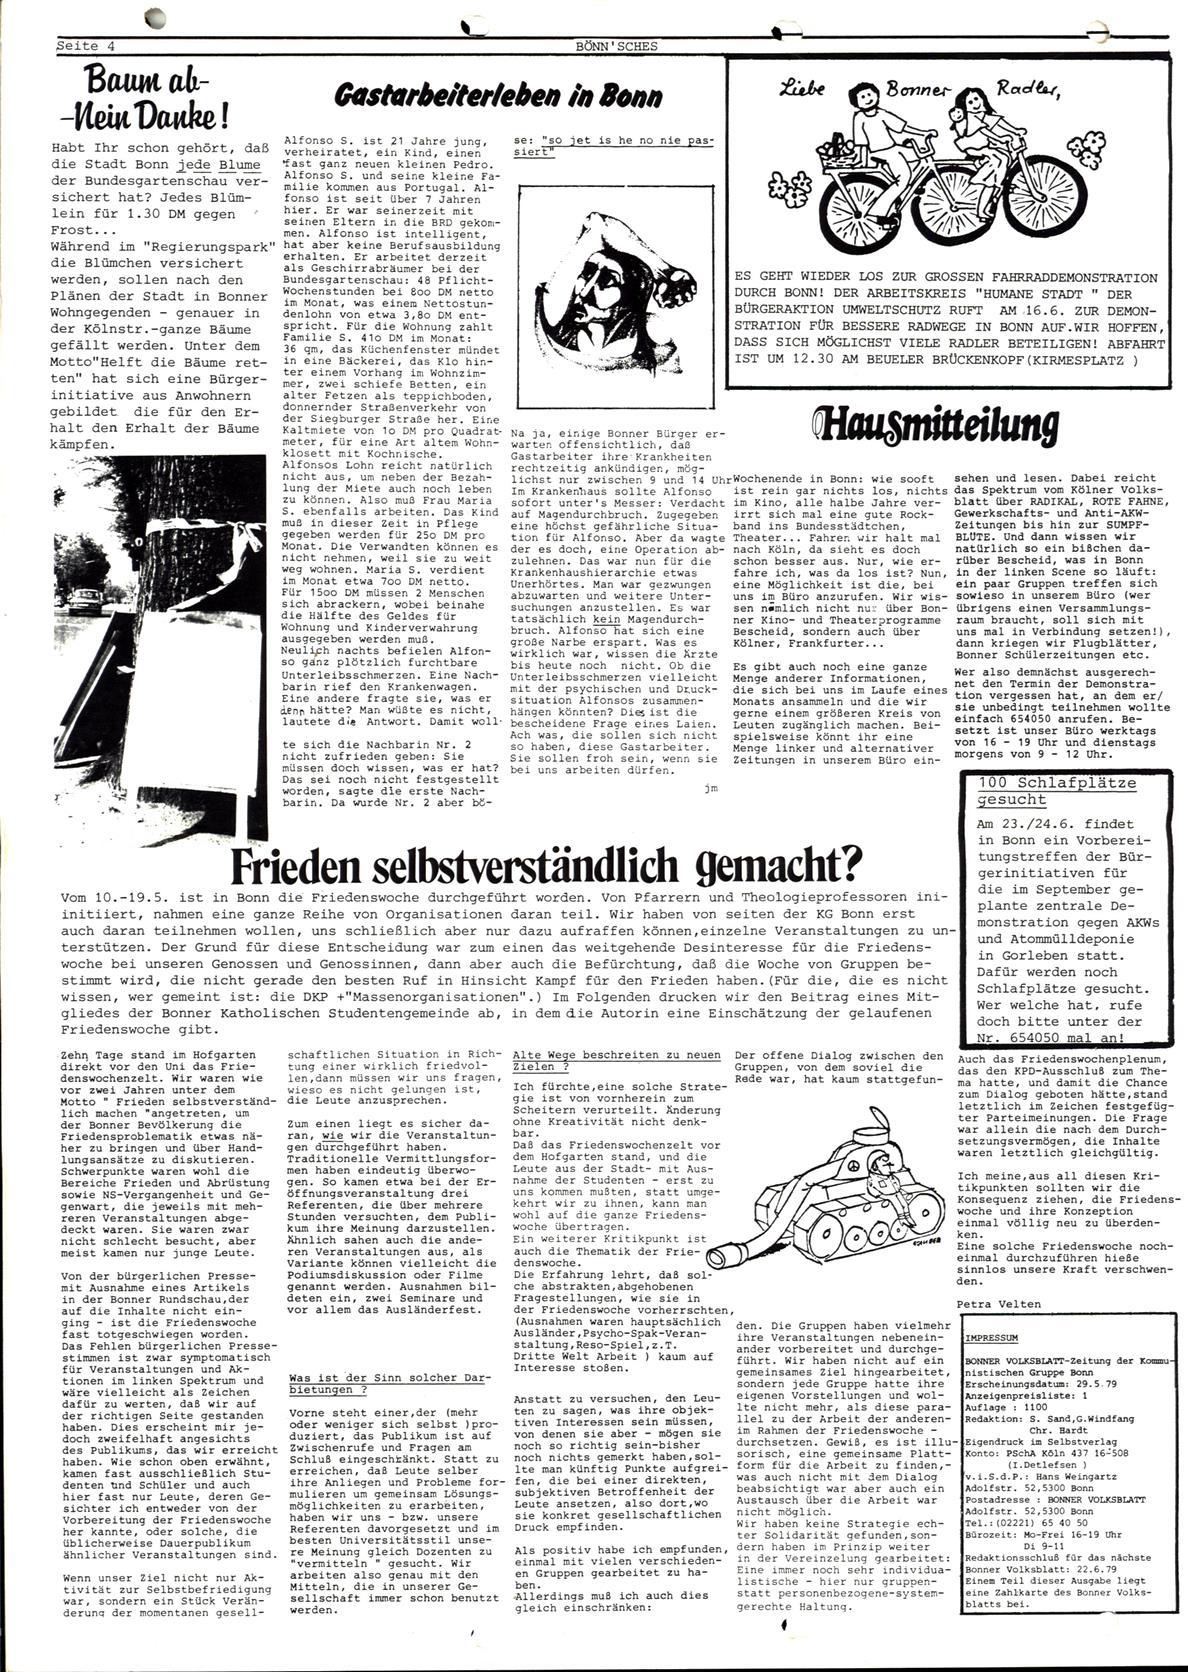 Bonner_Volksblatt_25_19790530_04